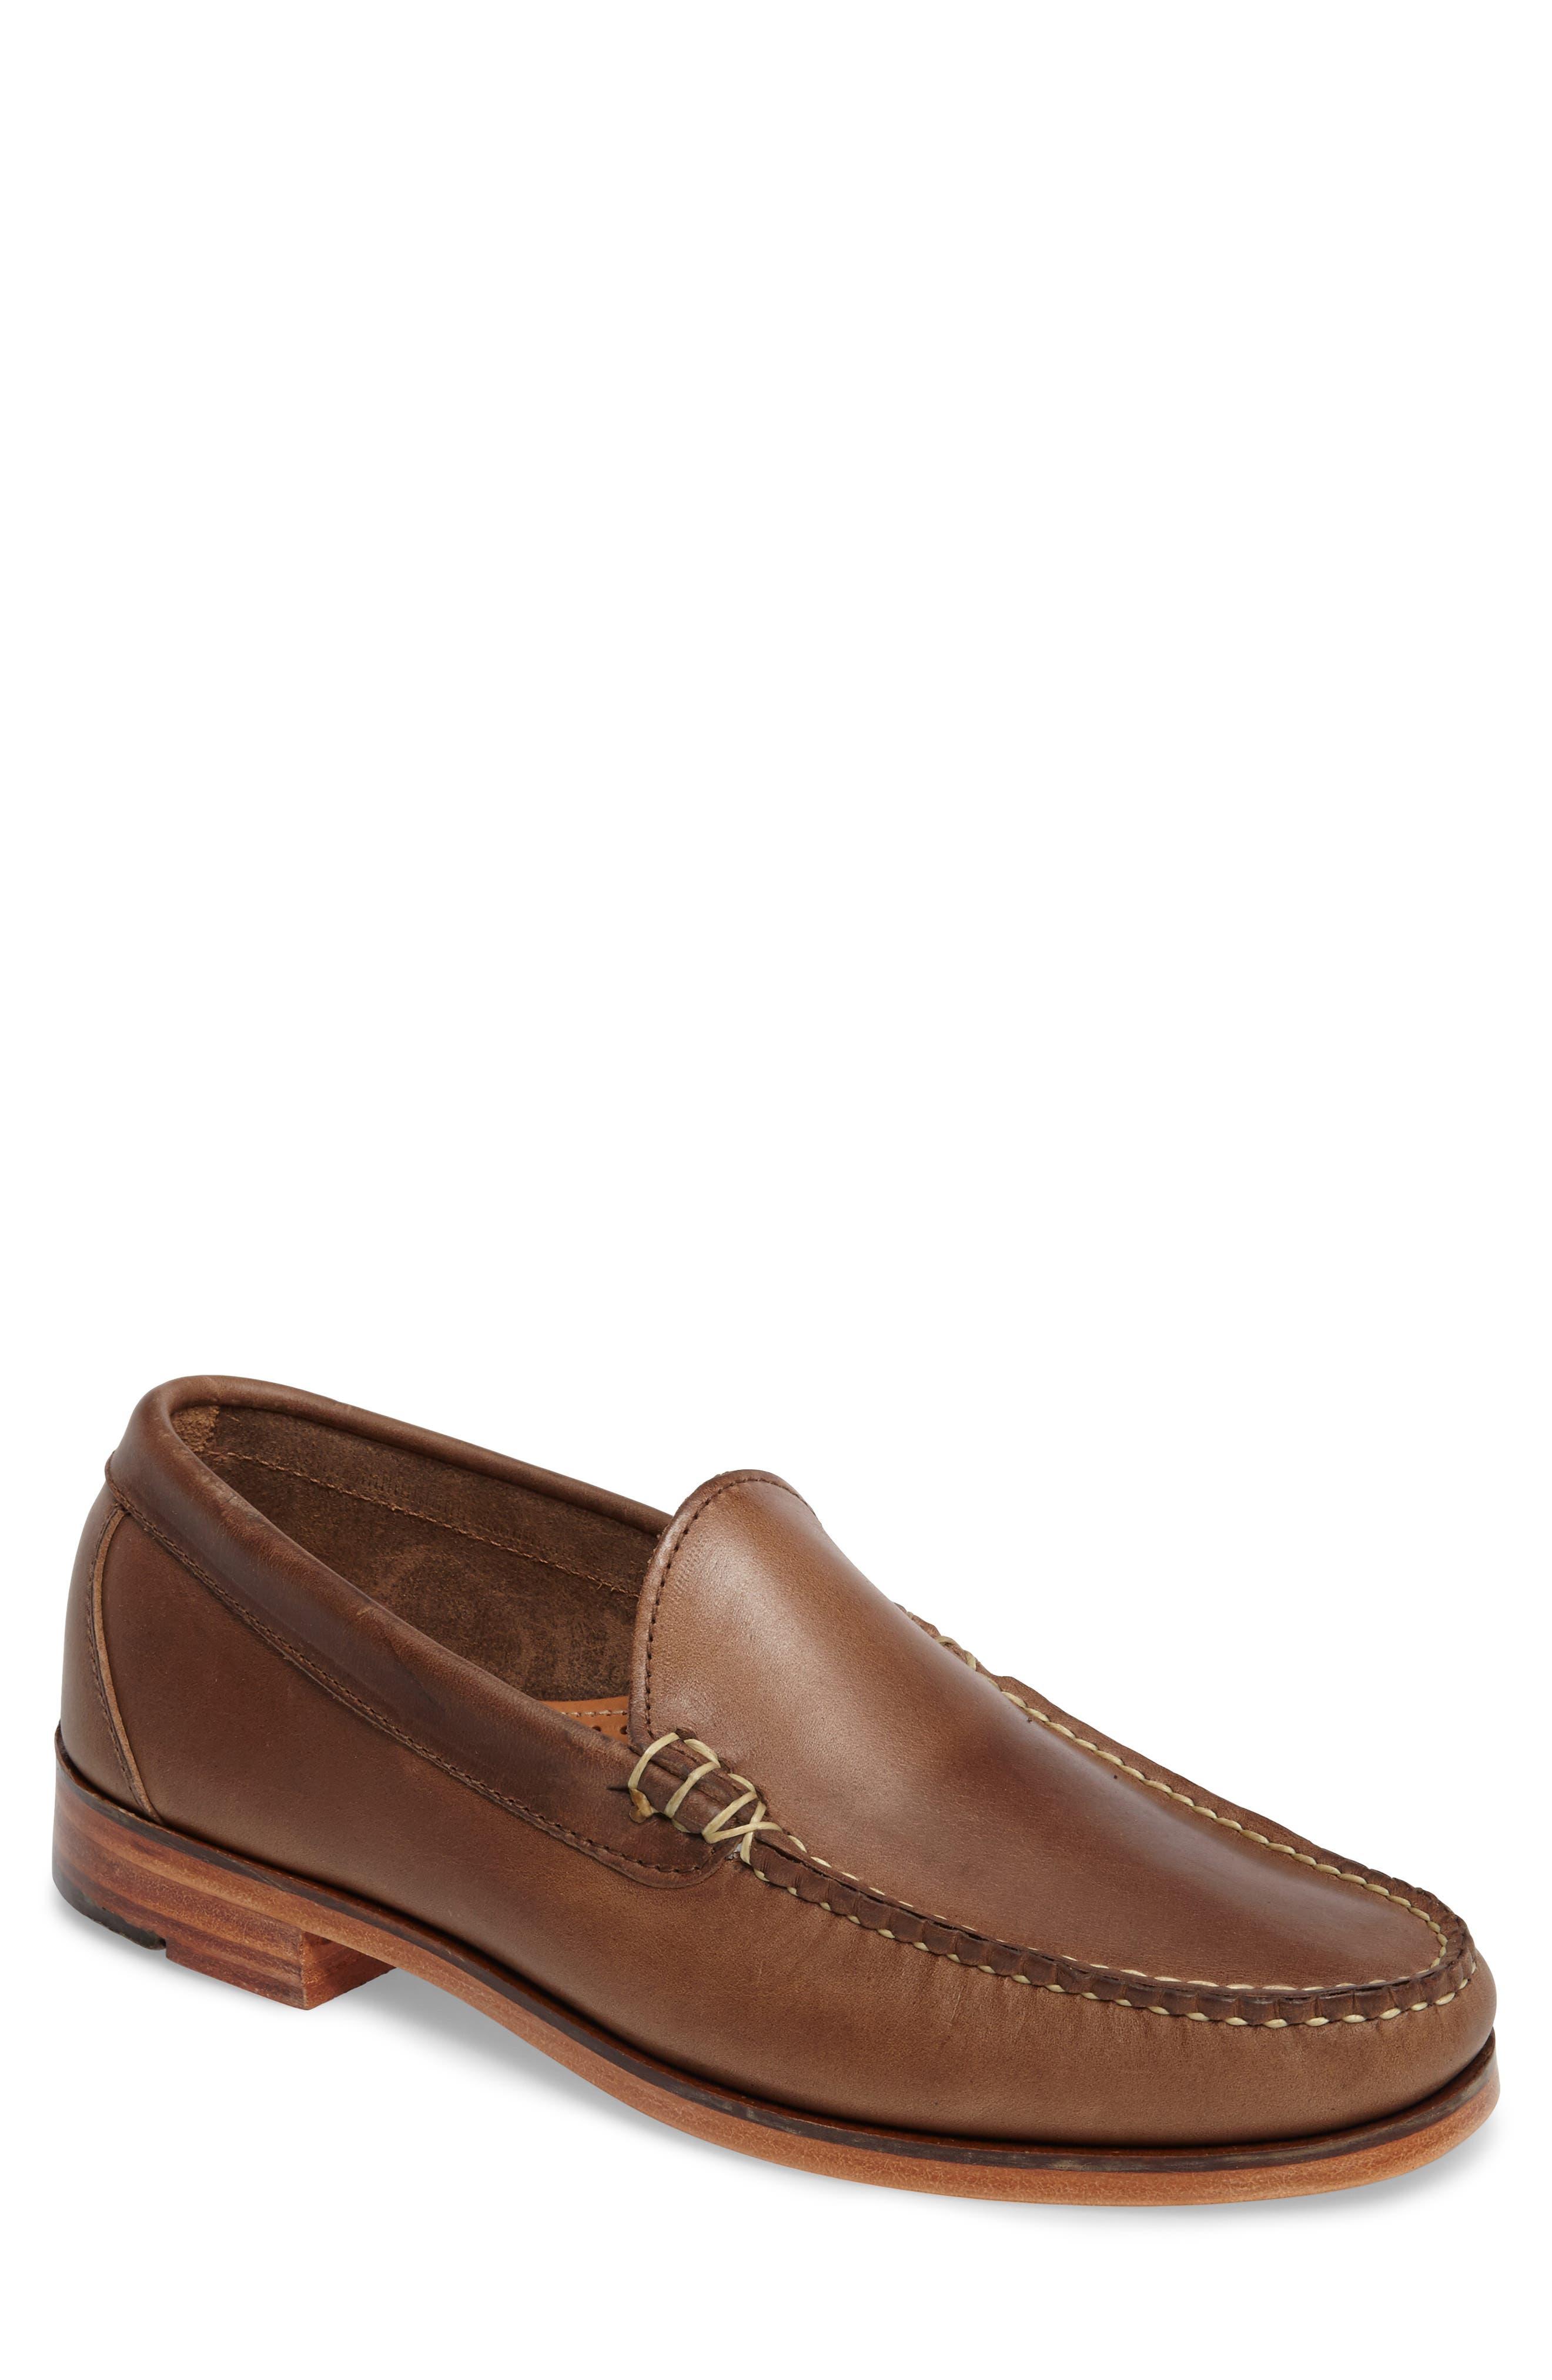 Main Image - Oak Street Bootmakers Natural Loafer (Men)